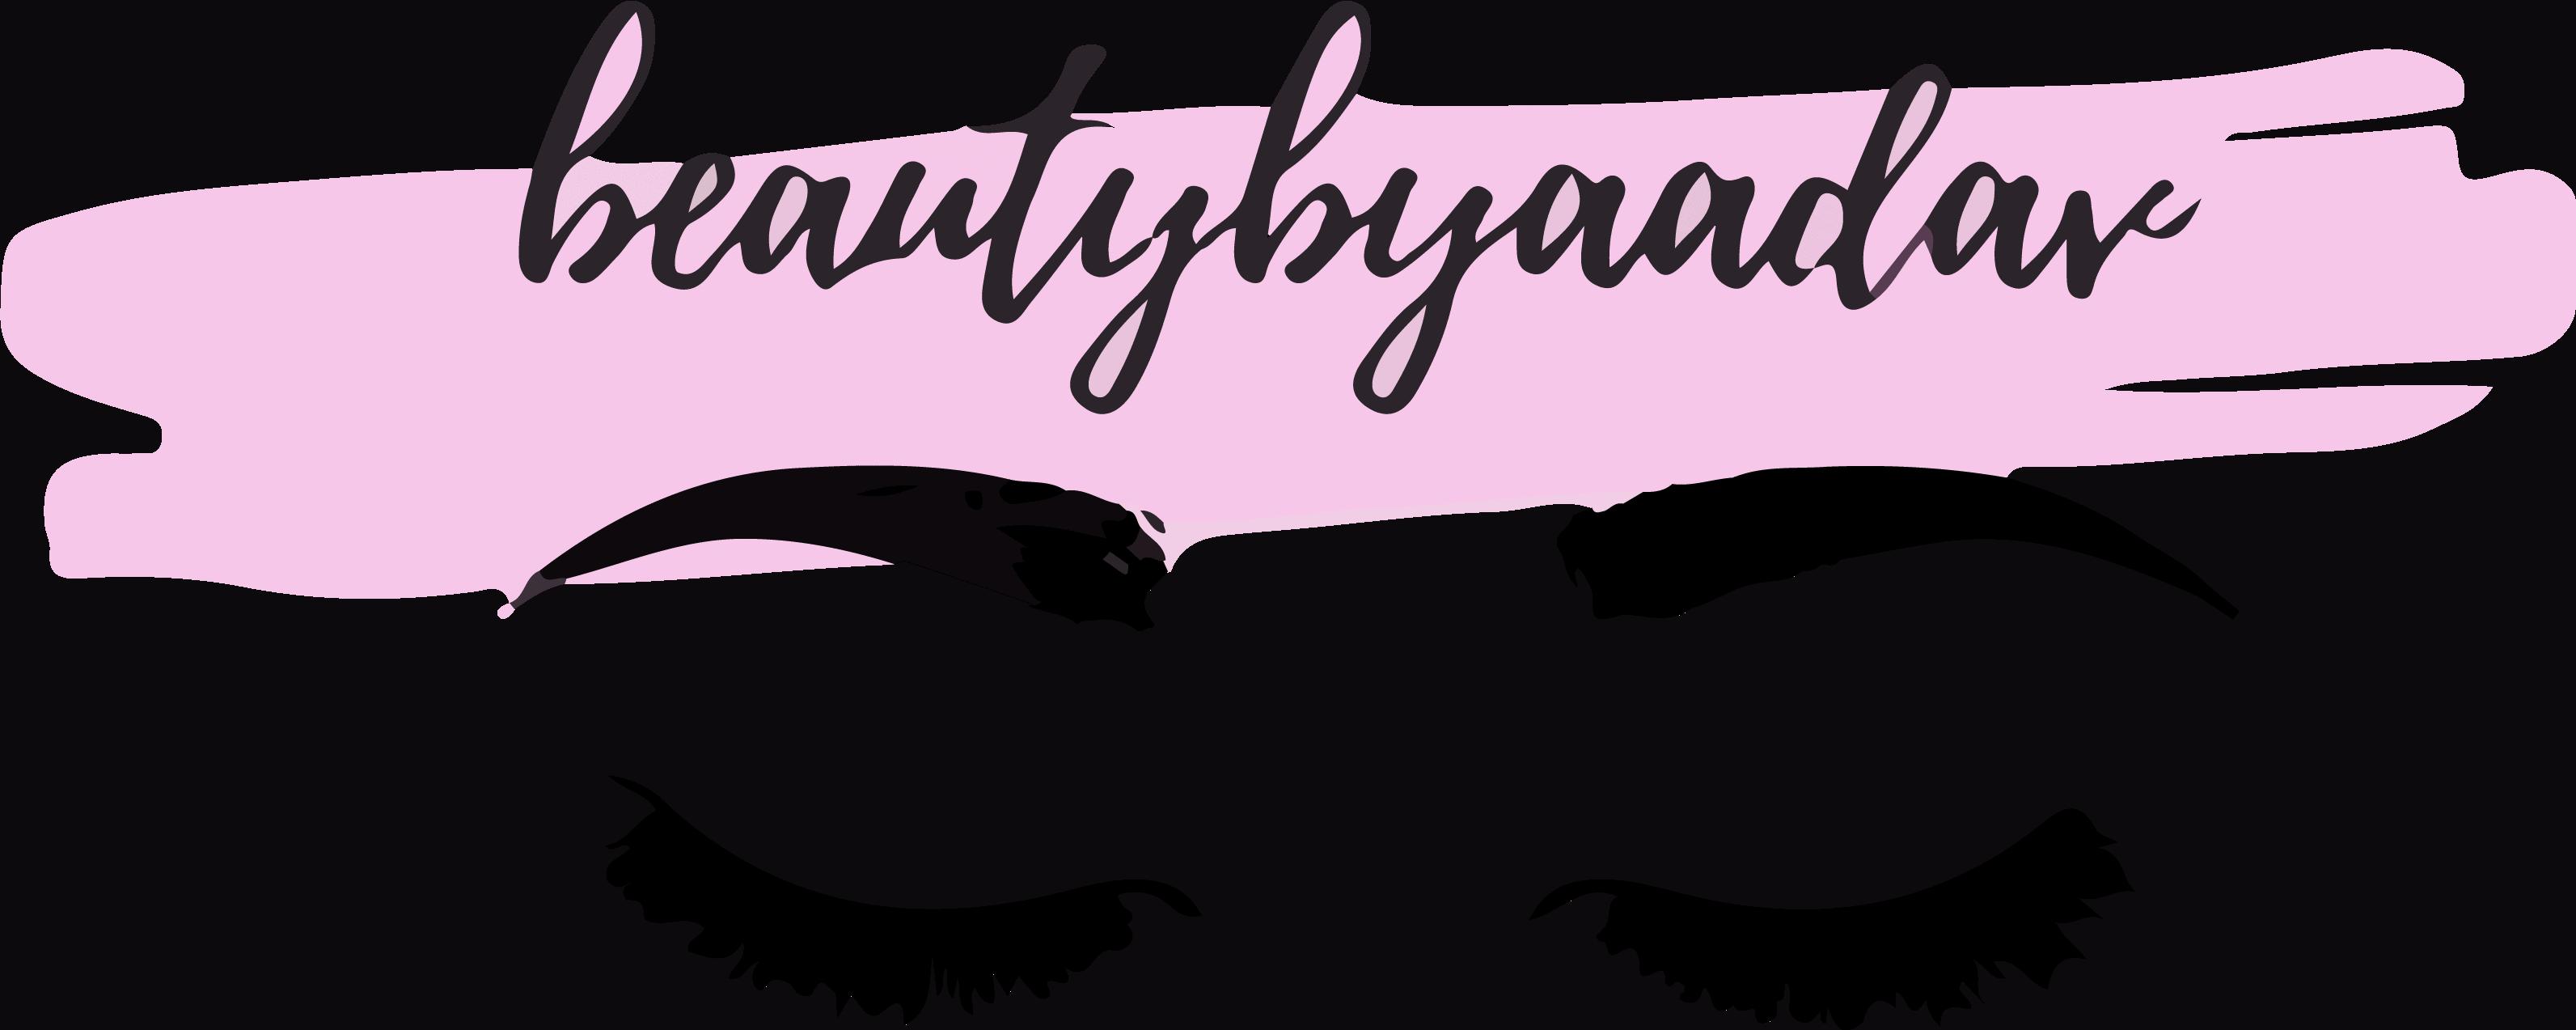 beautybyaadav